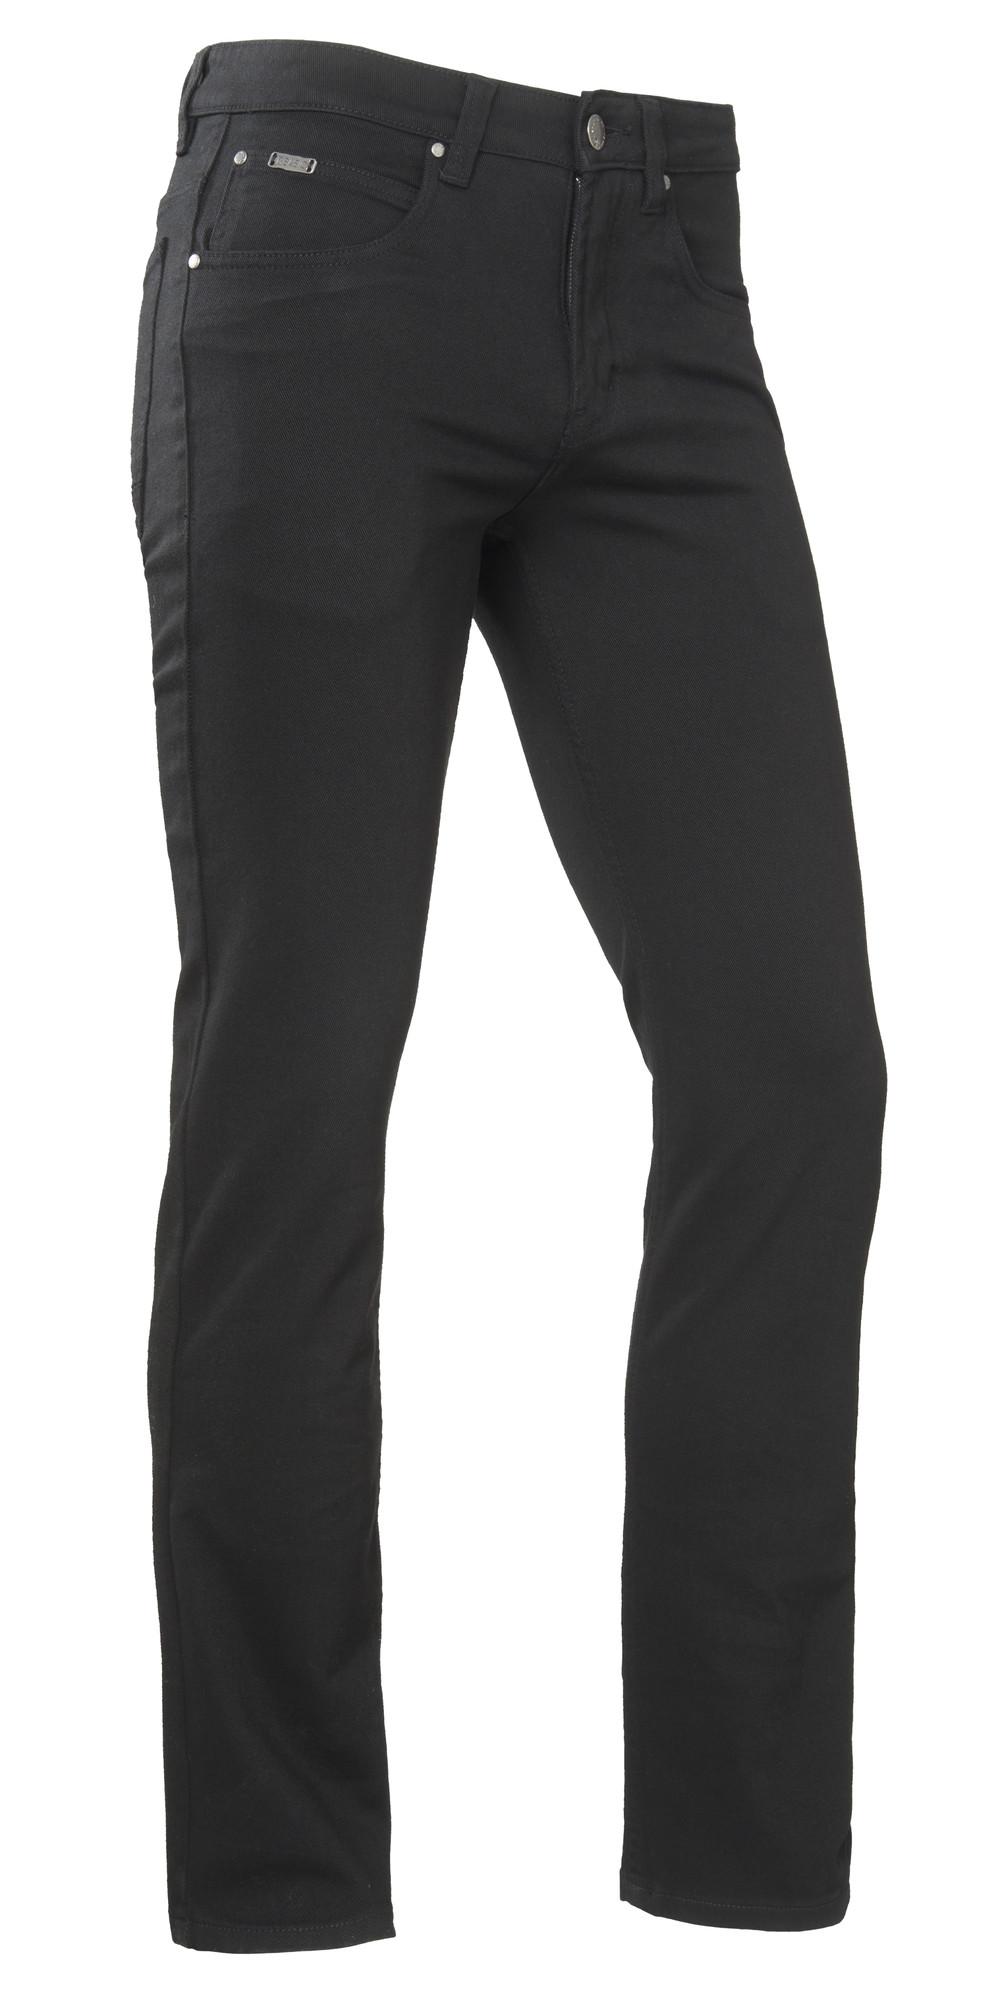 Brams Paris Danny Jeans Stretch (D51 Black Twill) W29-L32